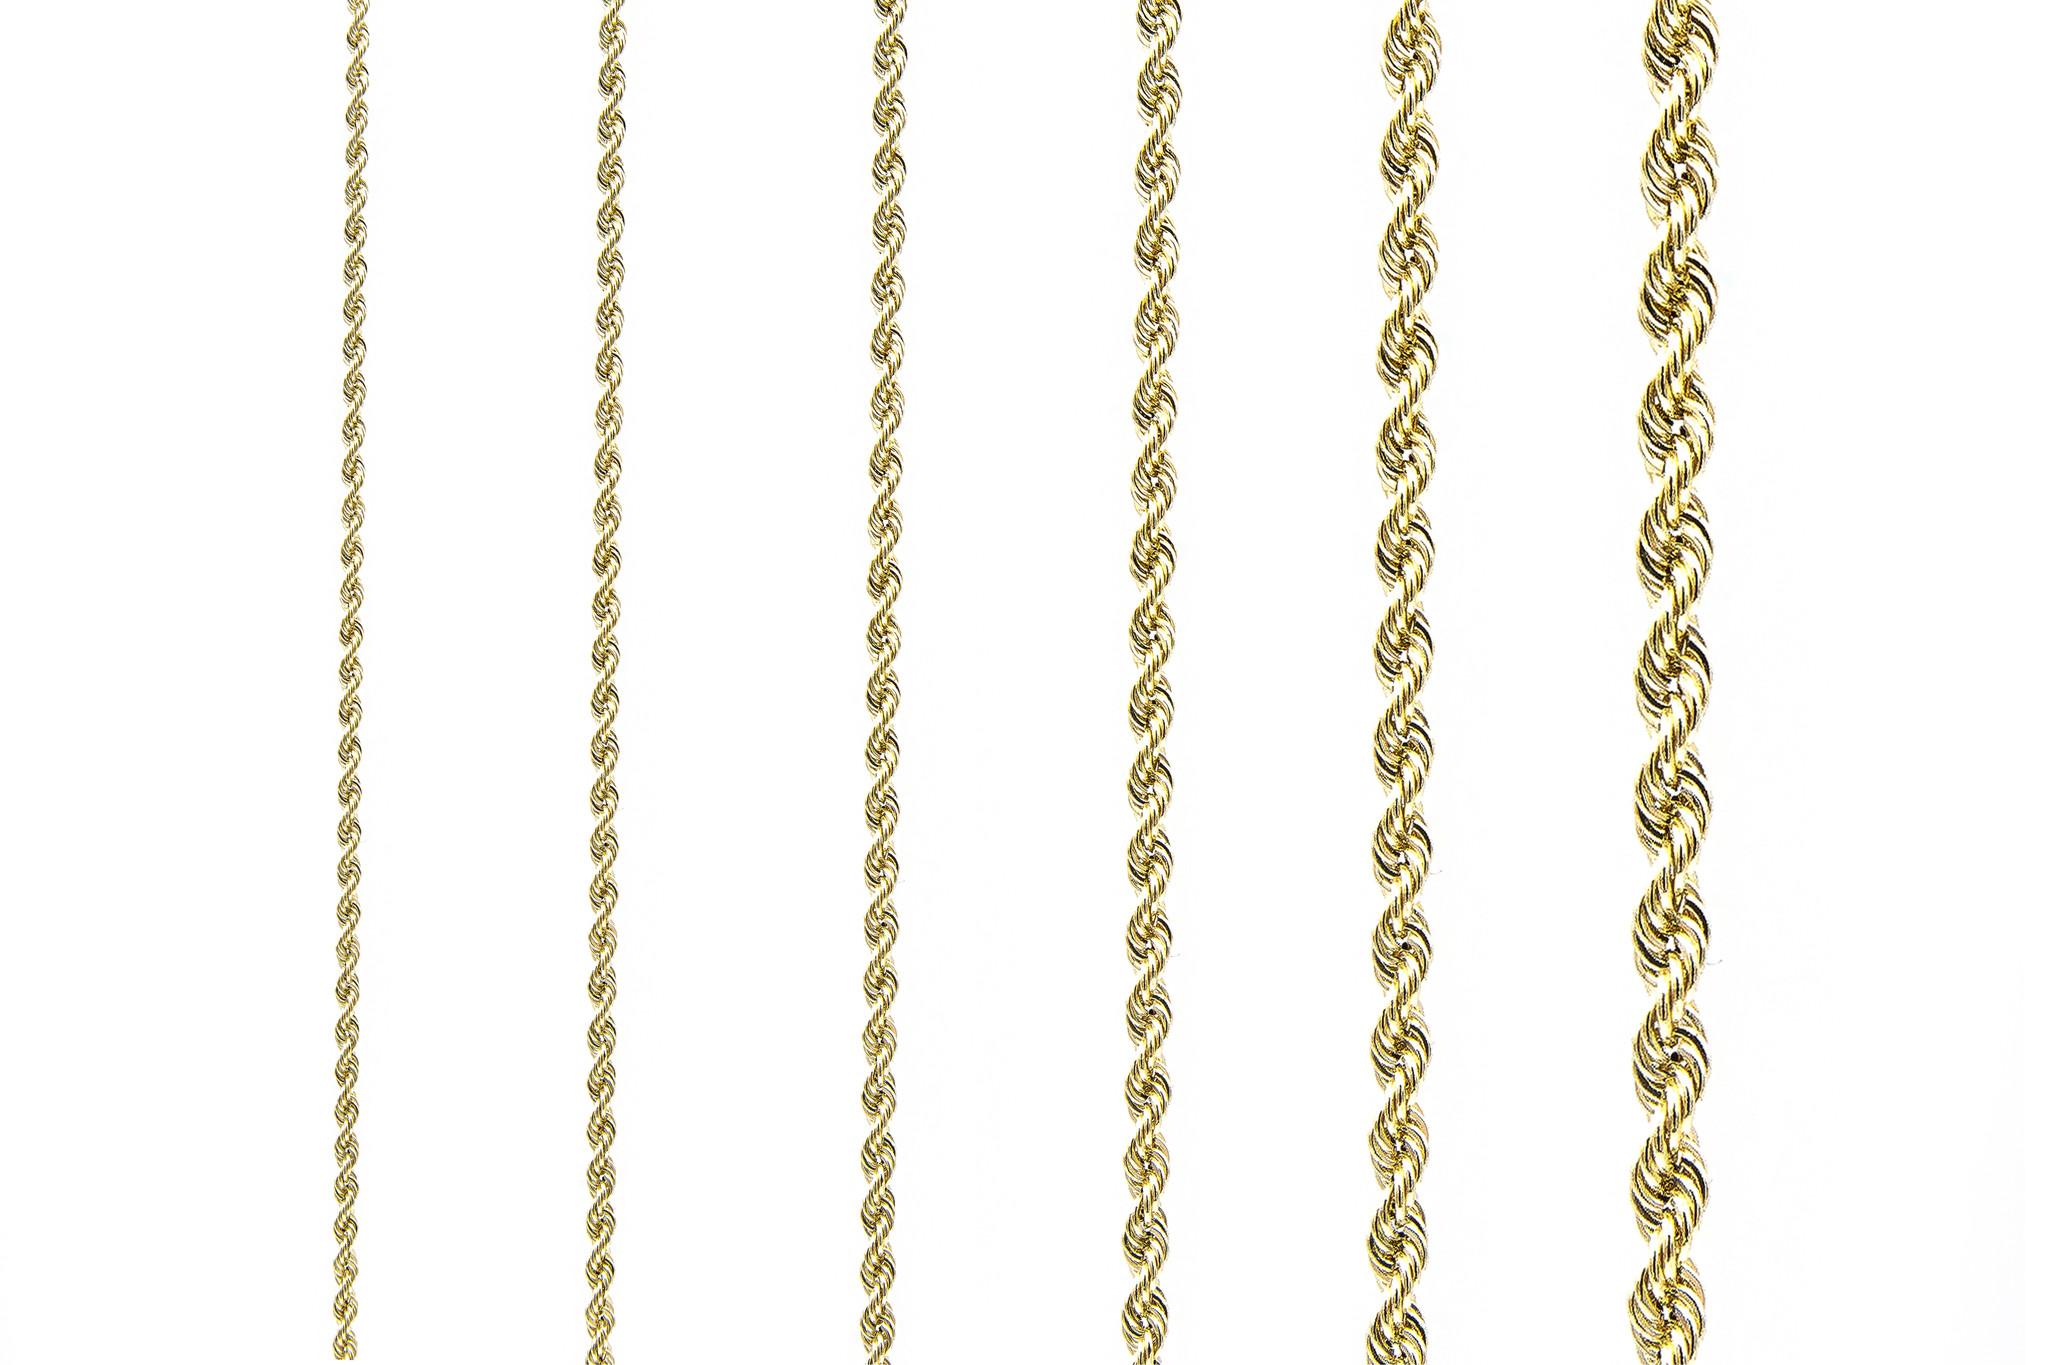 Rope chain roségoud 14kt 2mm-3